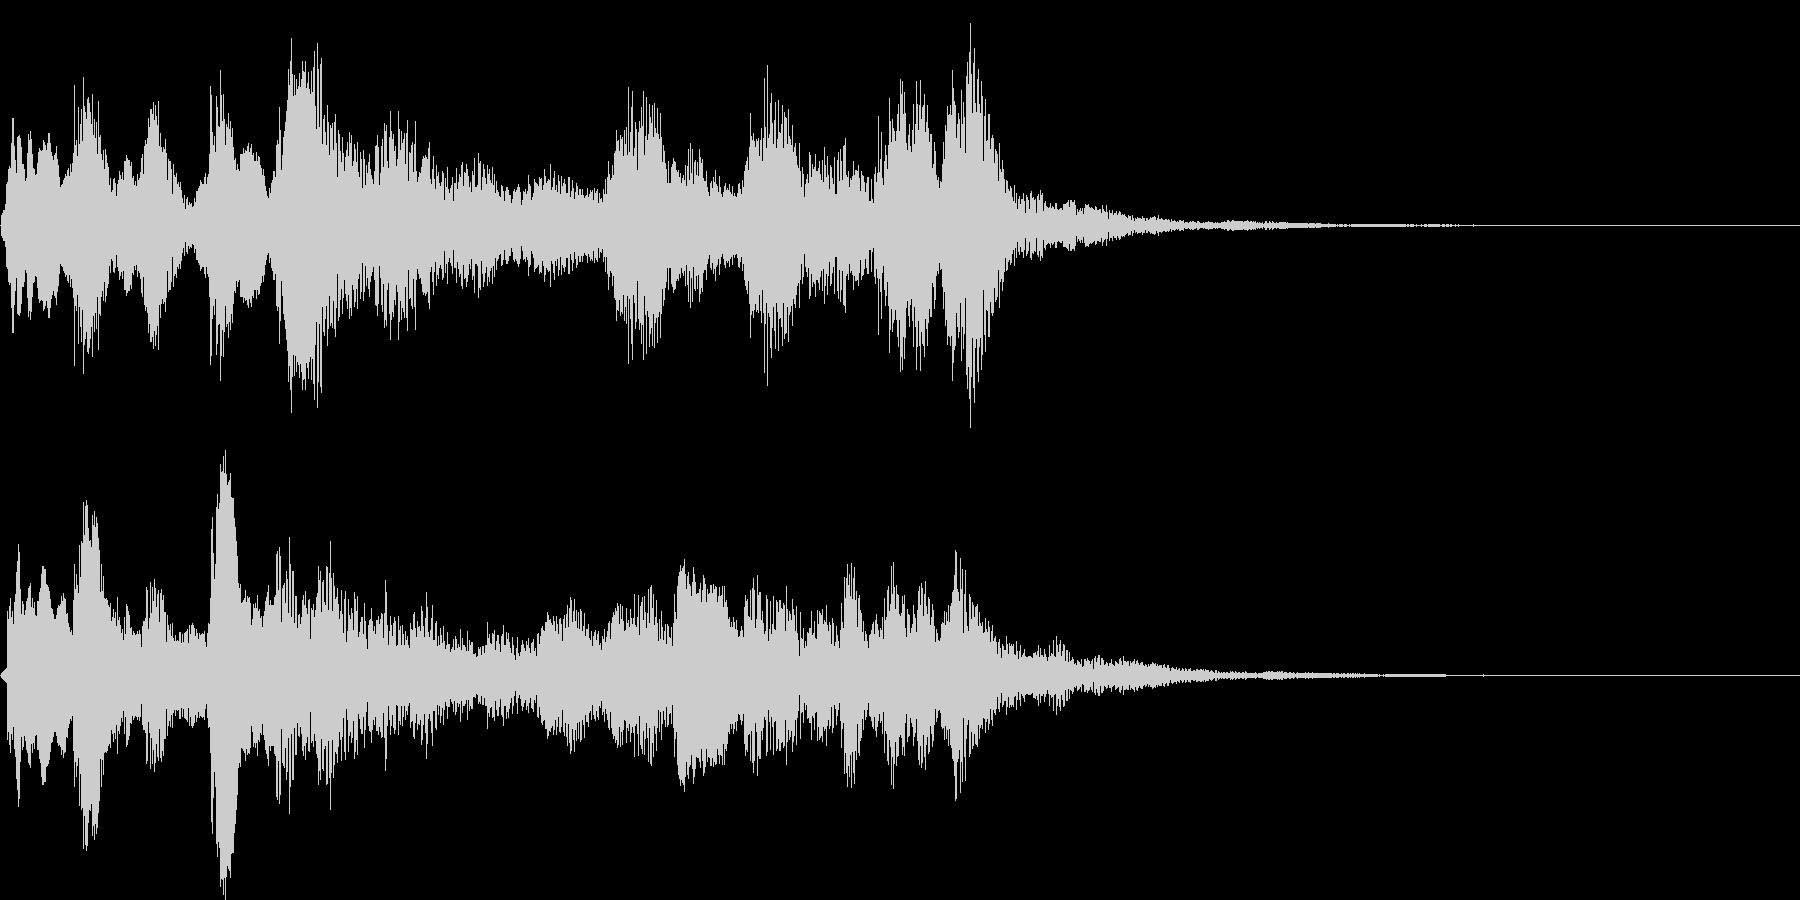 ピアノ、クラリネットなどの室内楽ジングルの未再生の波形